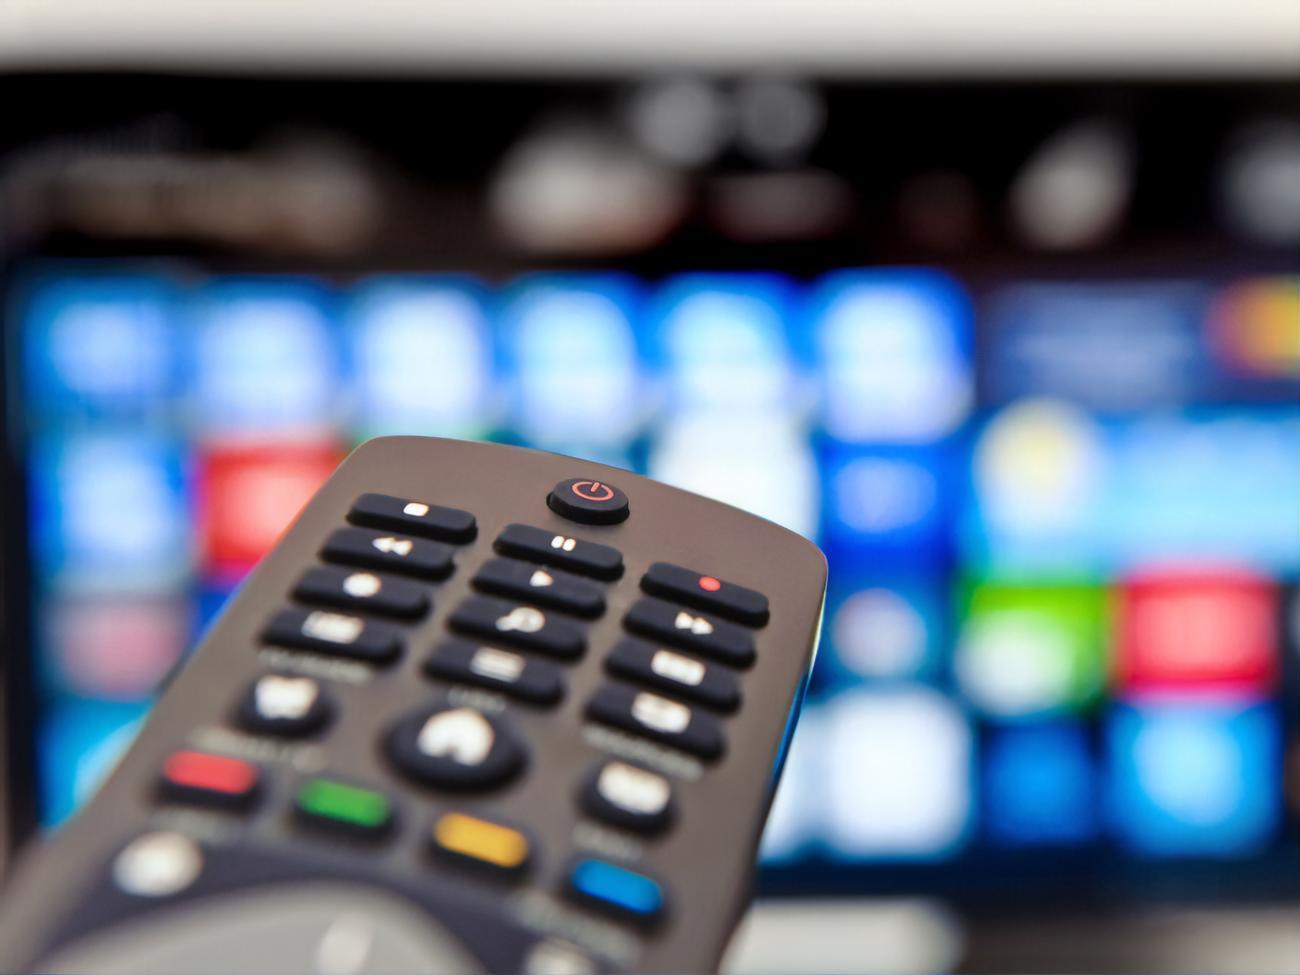 Ткаченко: Украина может заблокировать теле- и радиосигнал из России и с оккупированных территорий